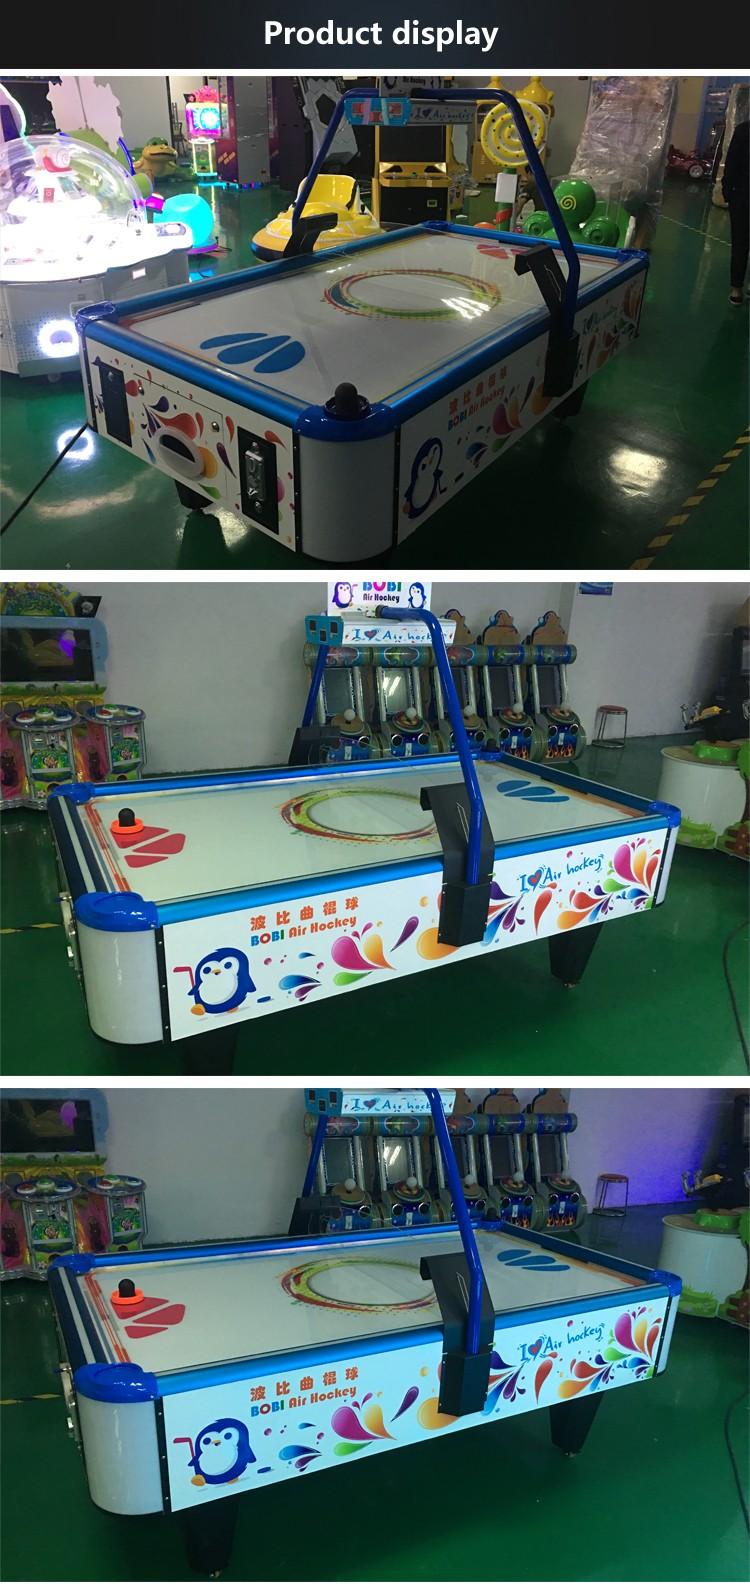 Игровые автоматы купить аэрохоккей в эс скачать бесплатно через торрент игровые автоматы